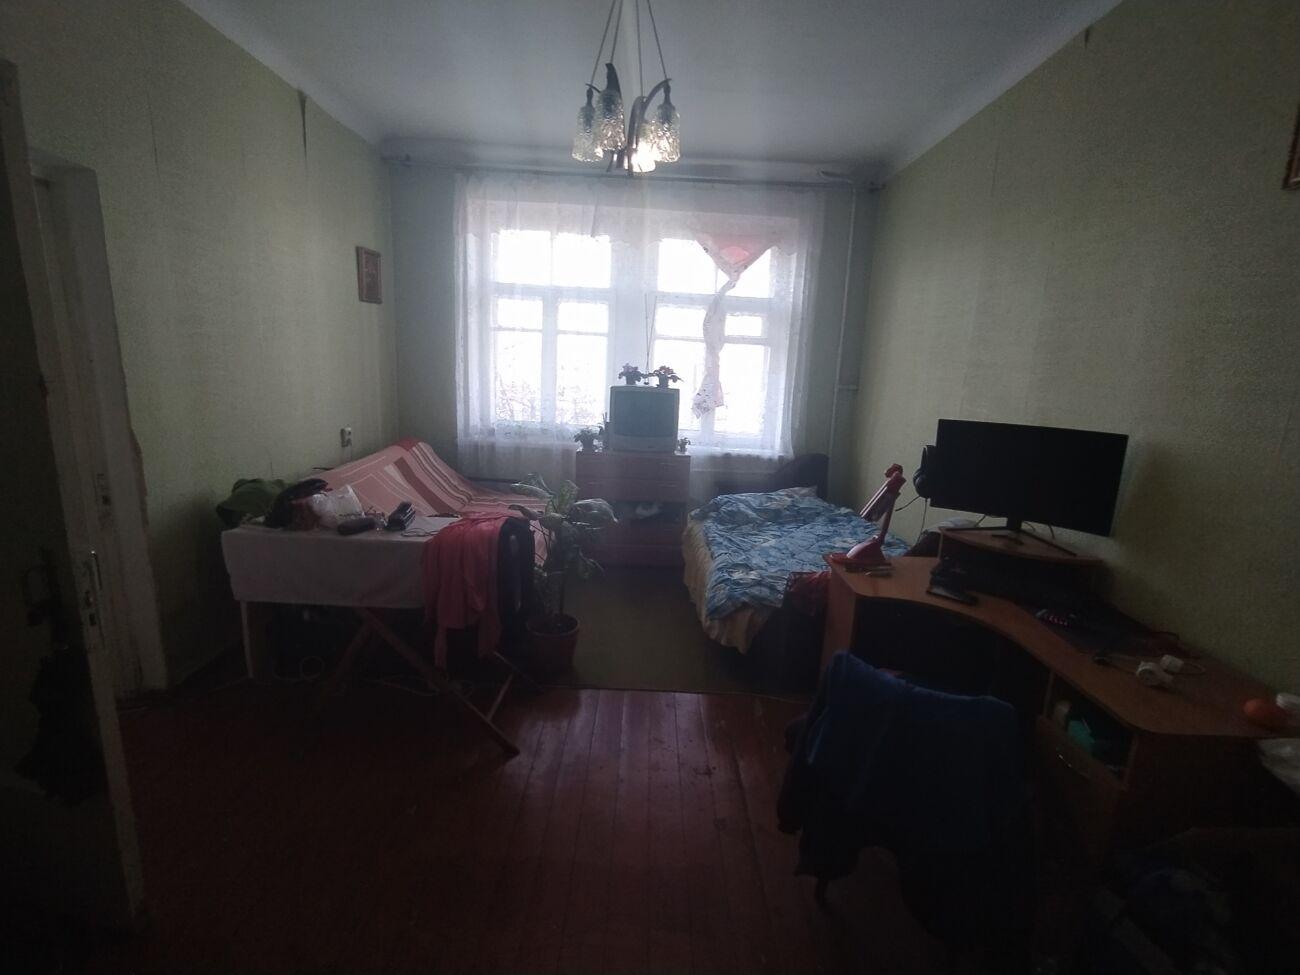 Продам две комнаты в коммуналке по Садовой. Срочно. Хороший торг!